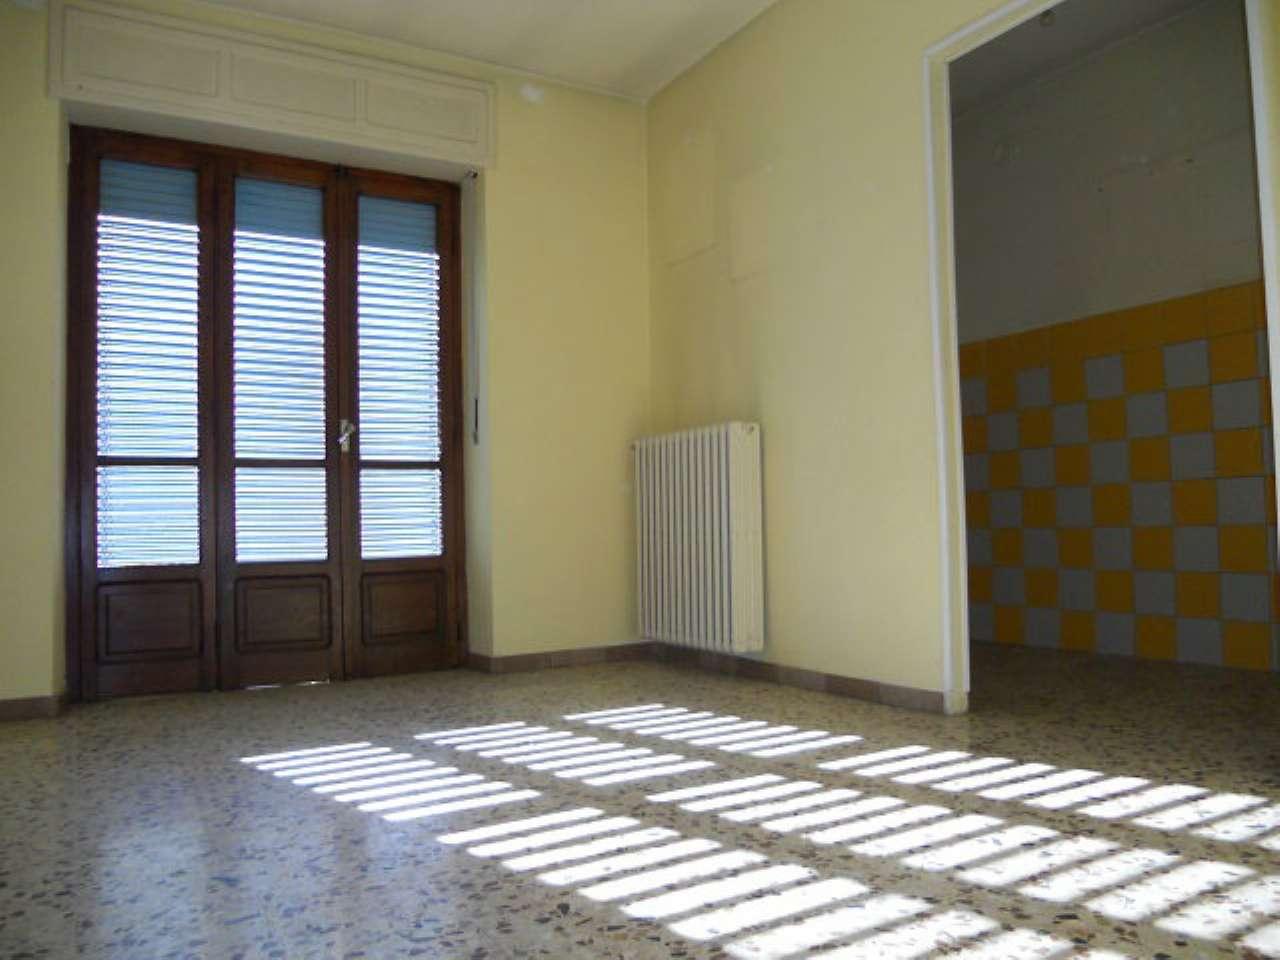 Appartamento in vendita a Chiusa di San Michele, 3 locali, prezzo € 46.000 | CambioCasa.it